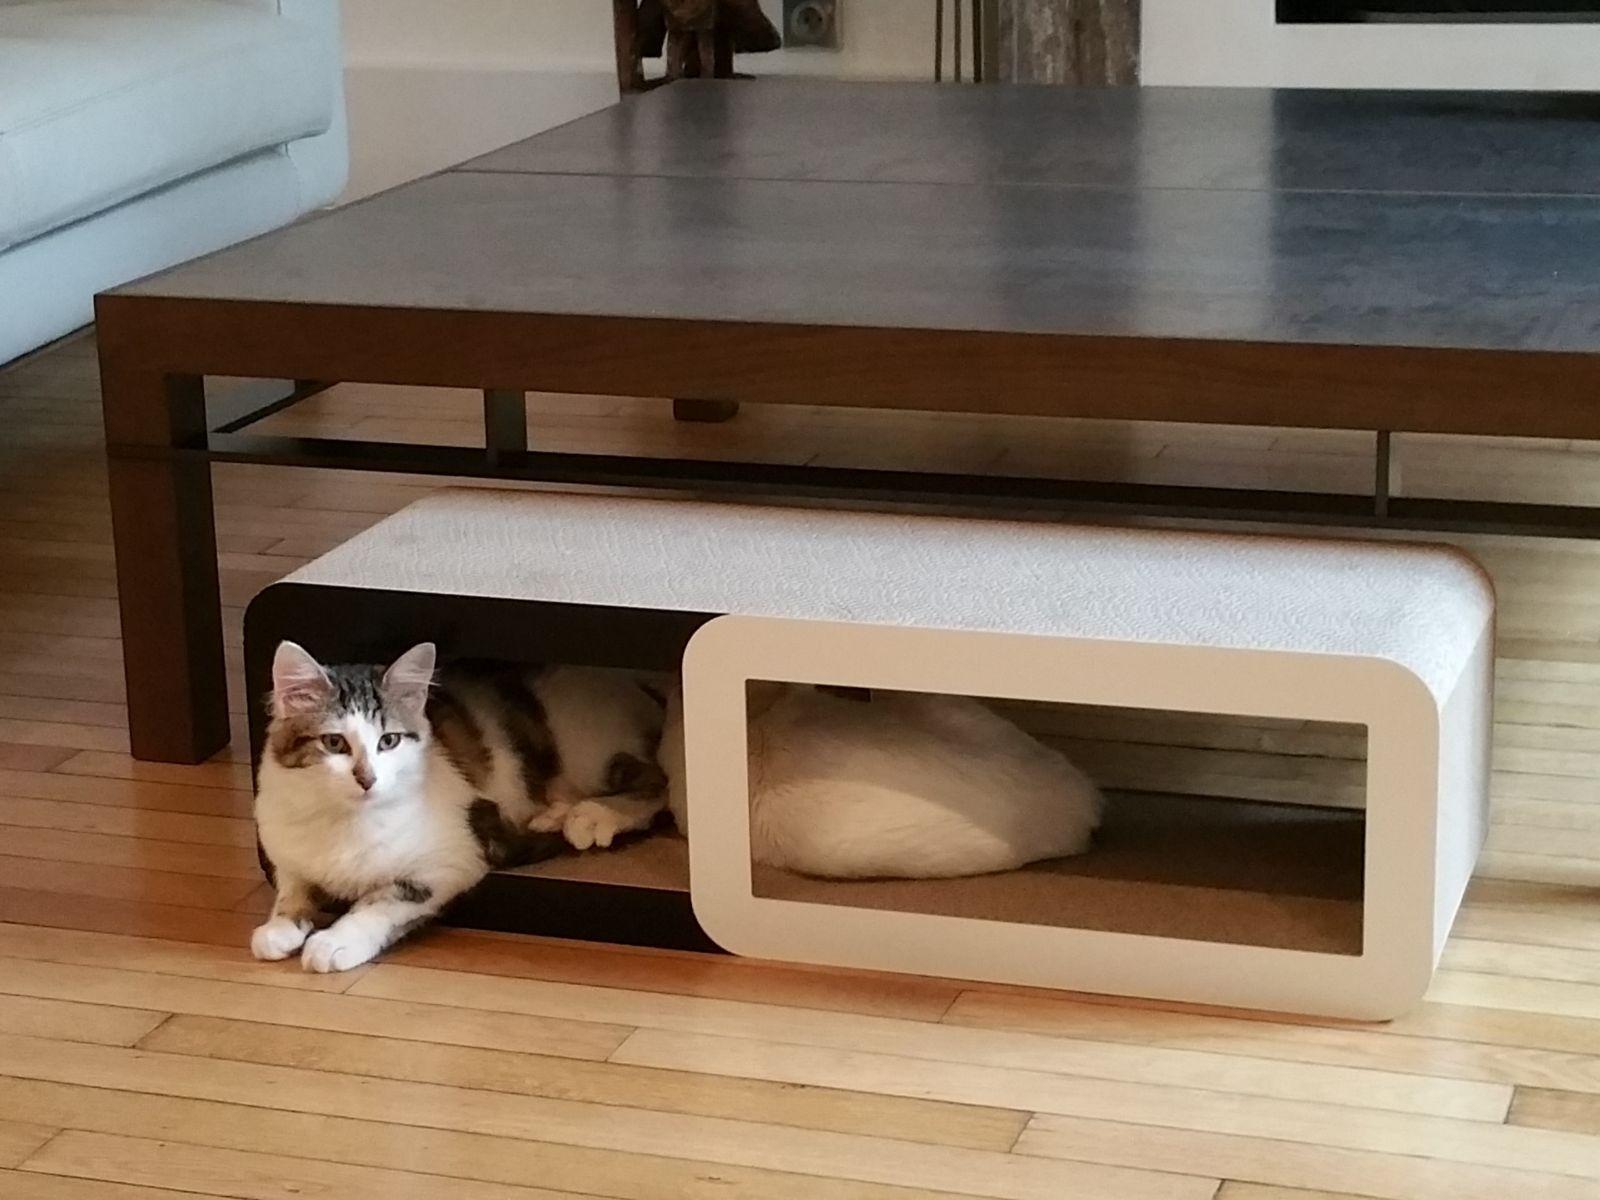 comment am nager son appartement en pensant son chat pinterest bo tes accessoire pour. Black Bedroom Furniture Sets. Home Design Ideas